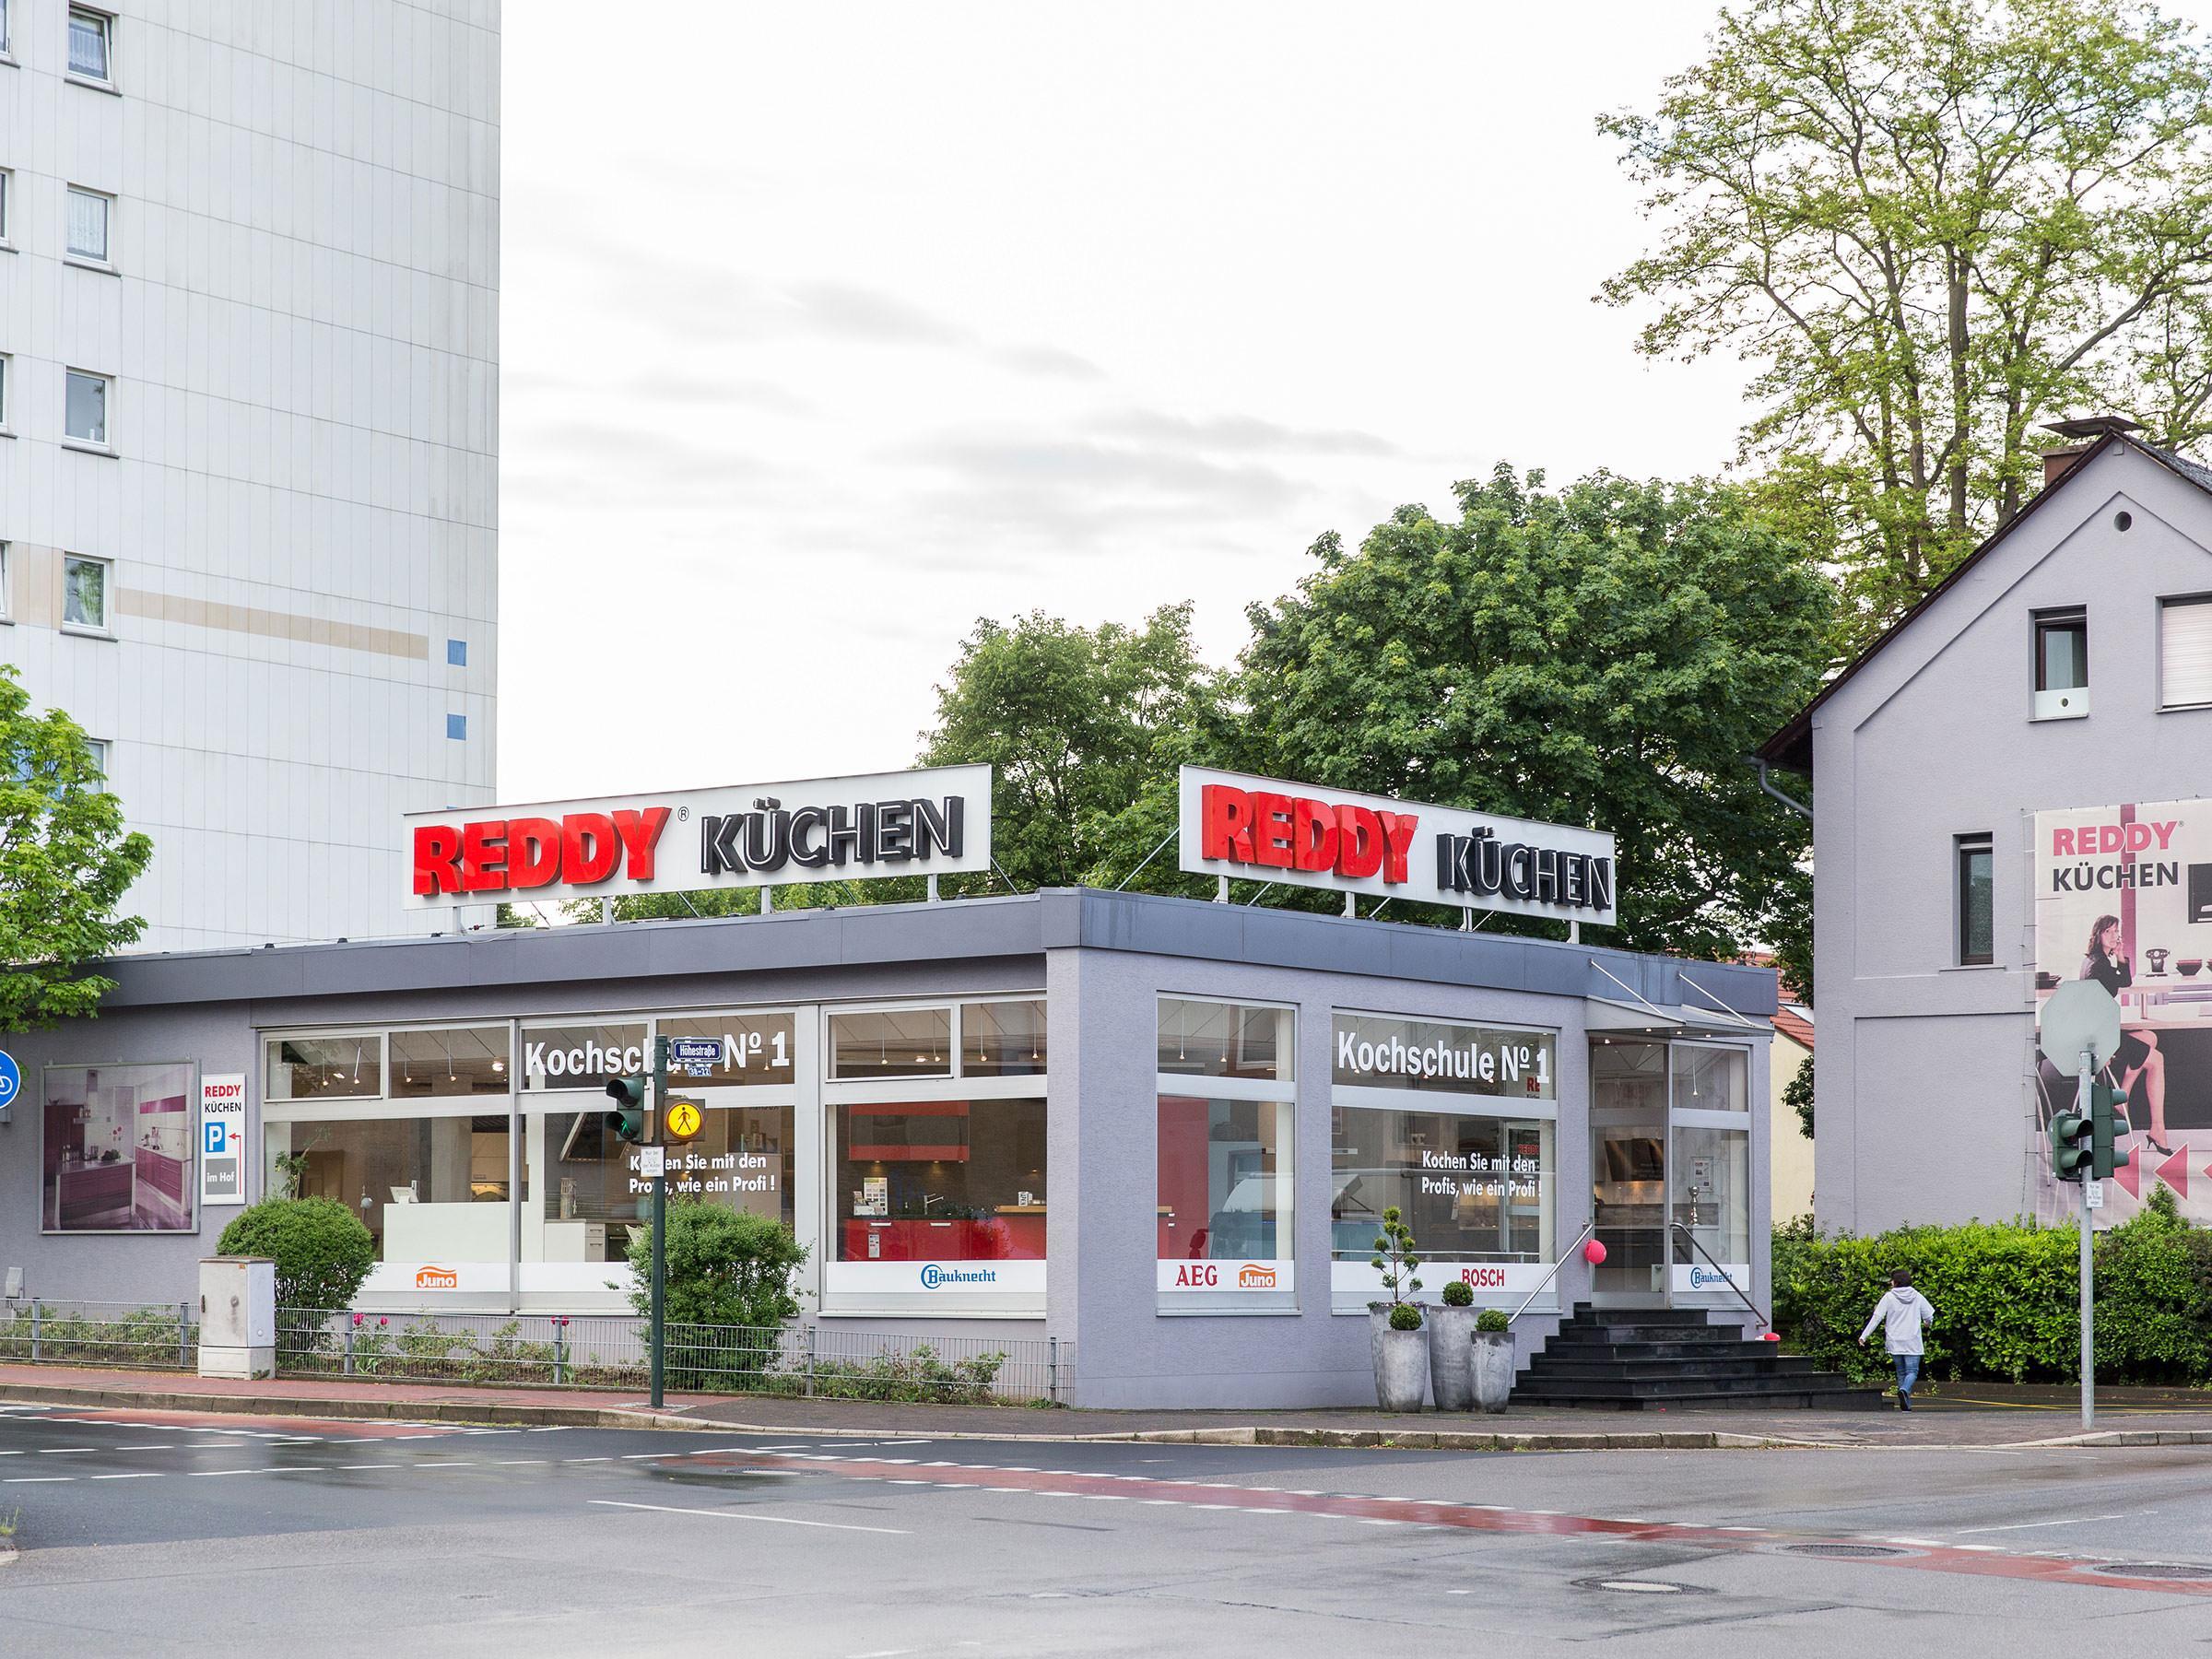 REDDY Küchen Bad Homburg: Tolle Küchen & Top-Service